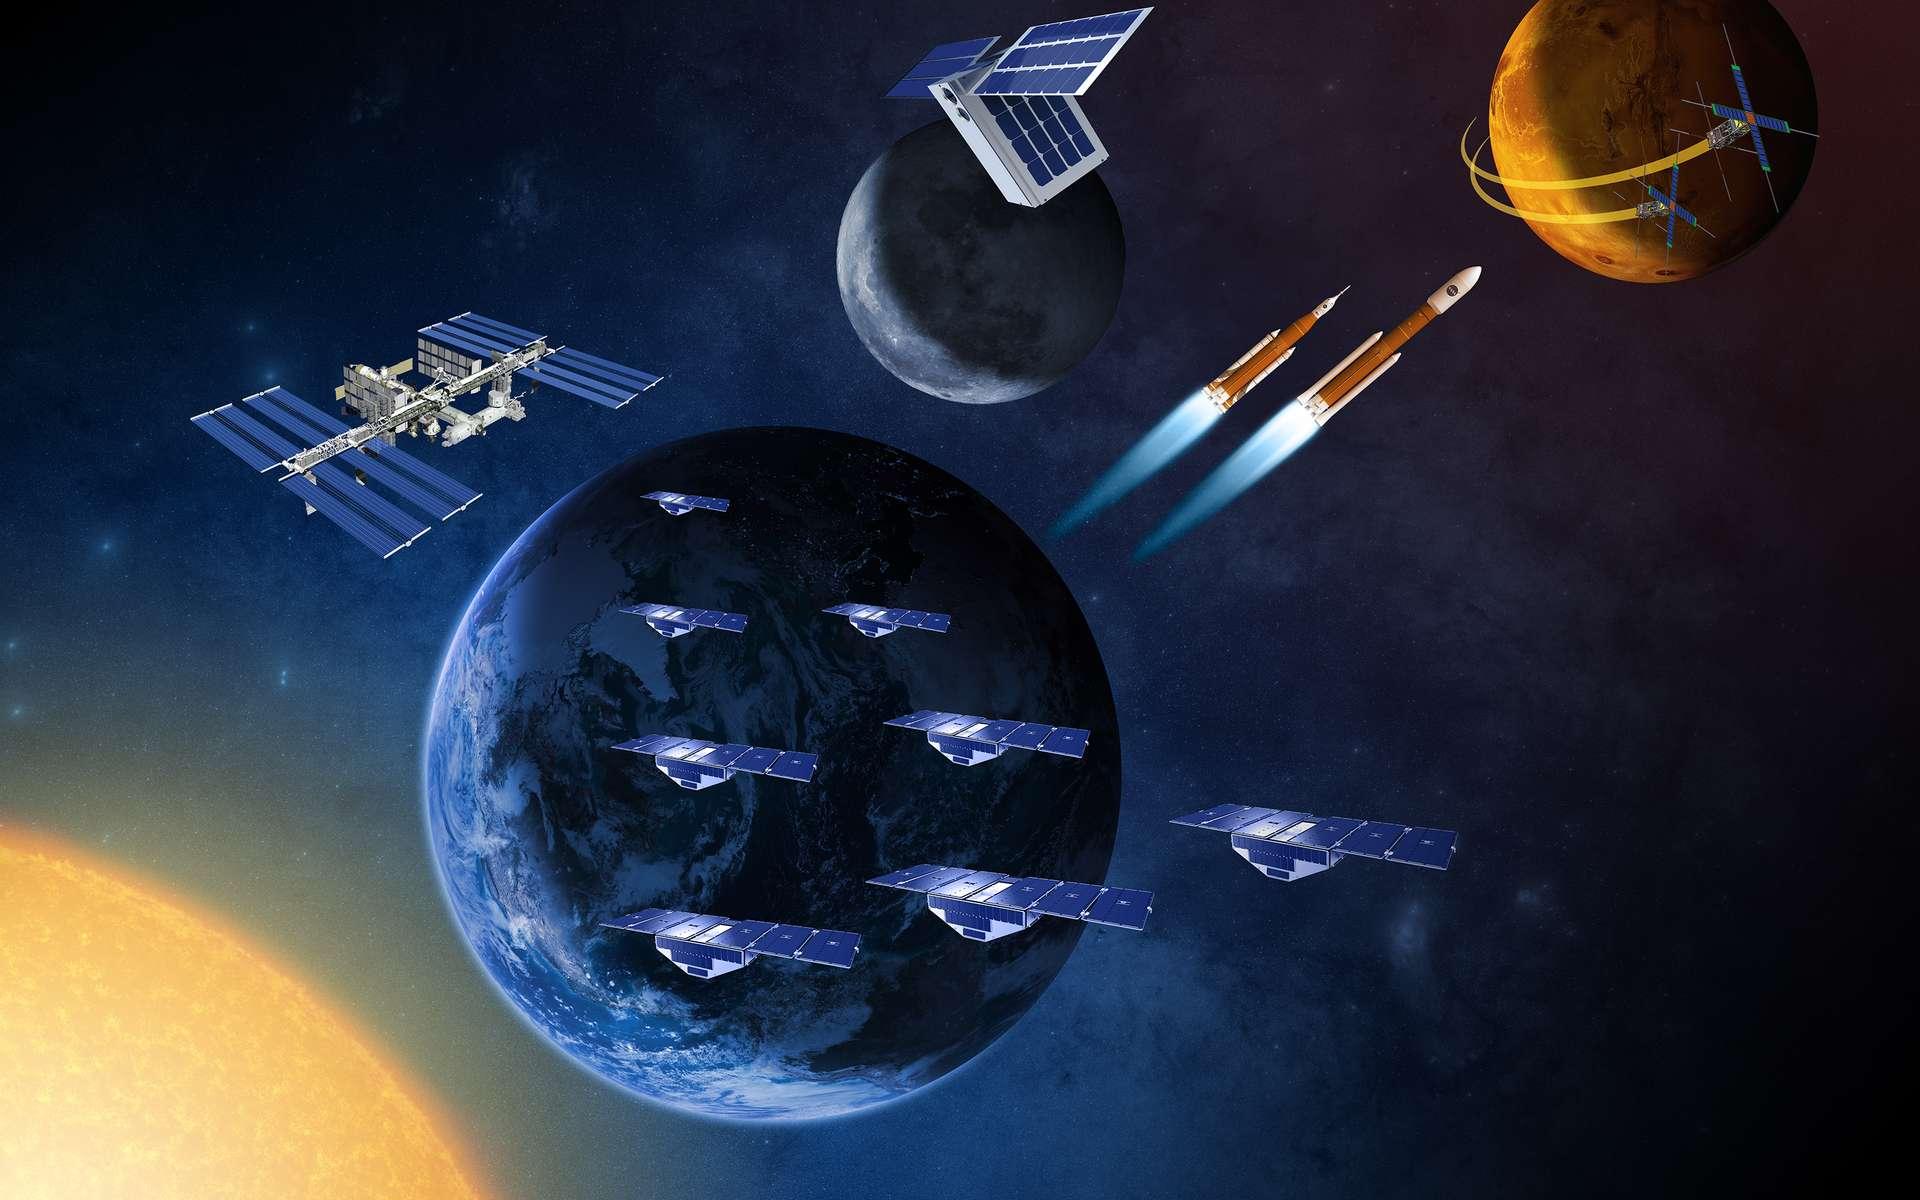 La Nasa a détaillé son programme de développement de minisatellites : autour de la Terre et ensuite autour de la Lune et Mars. Peu chers, ils devraient accélérer notre expansion dans l'espace. © Nasa